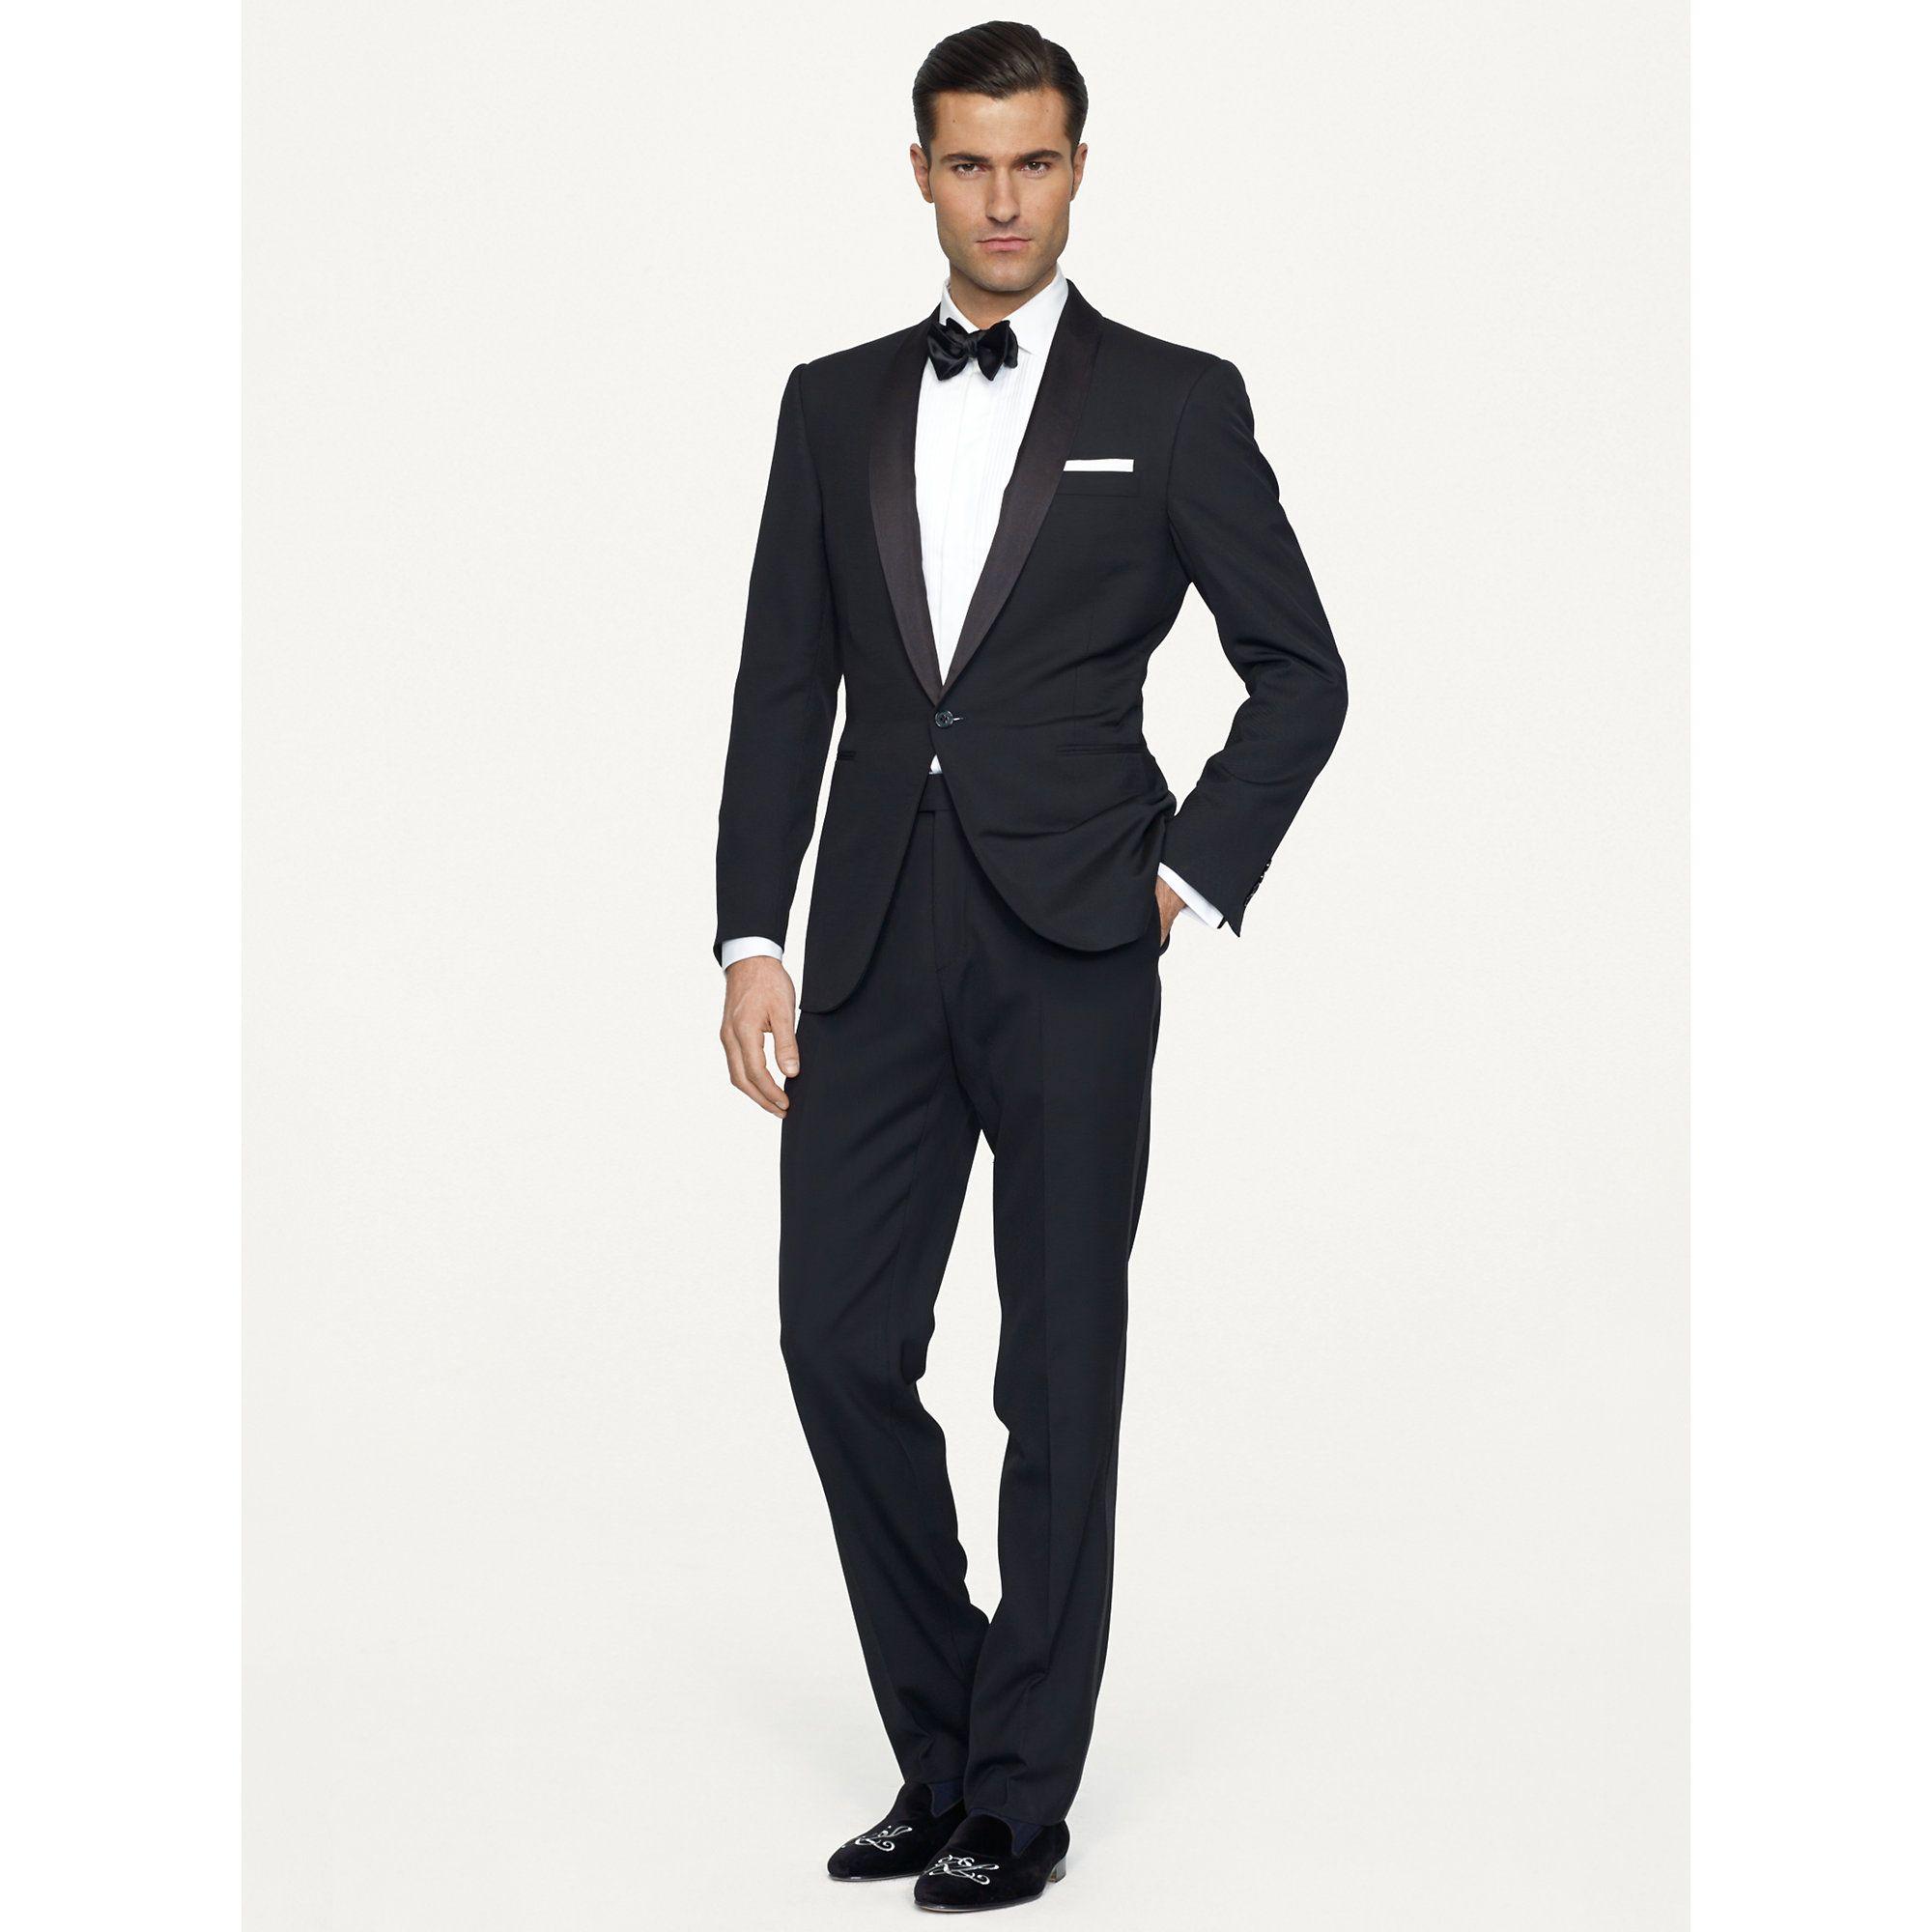 black-label-black-anthony-shawl-collar-tuxedo-product-1-5034492-2-765556847-normal.jpeg (2000×2000)